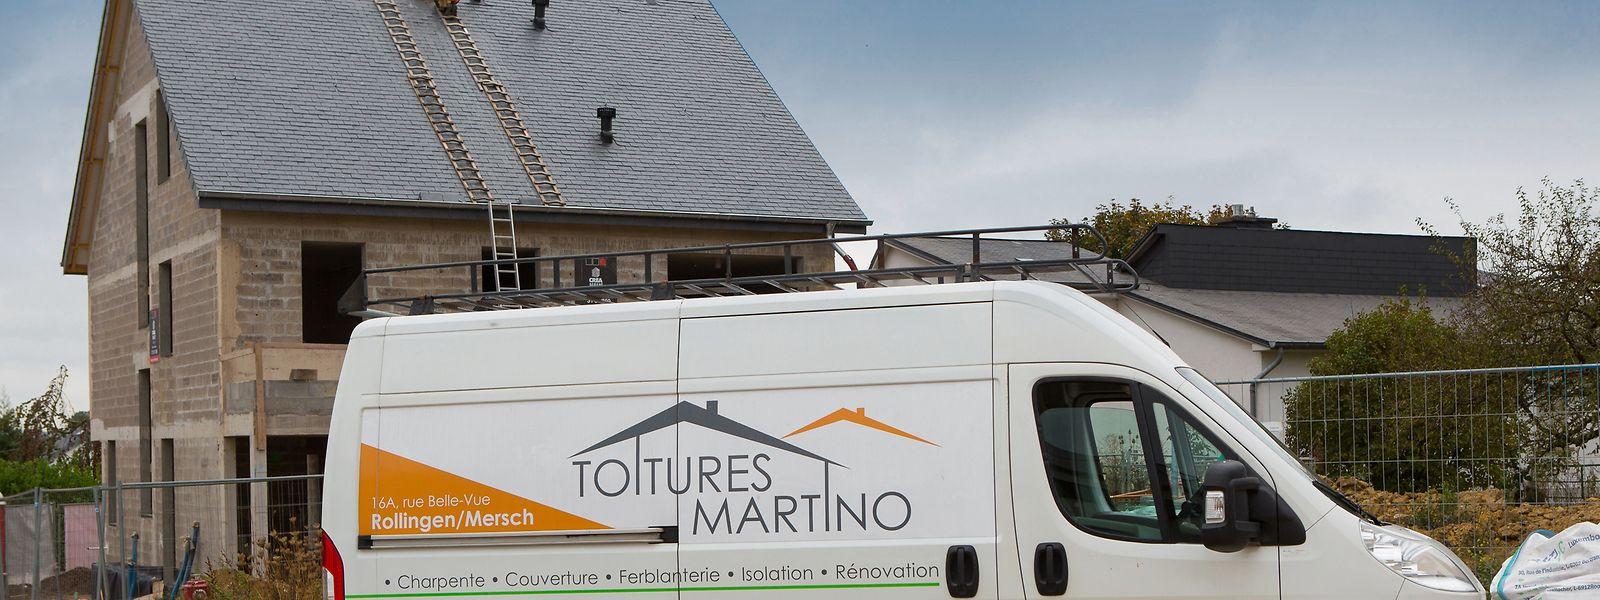 A equipa da Toitures Martino efetua a limpeza das chaminés e a supervisão dos telhados.